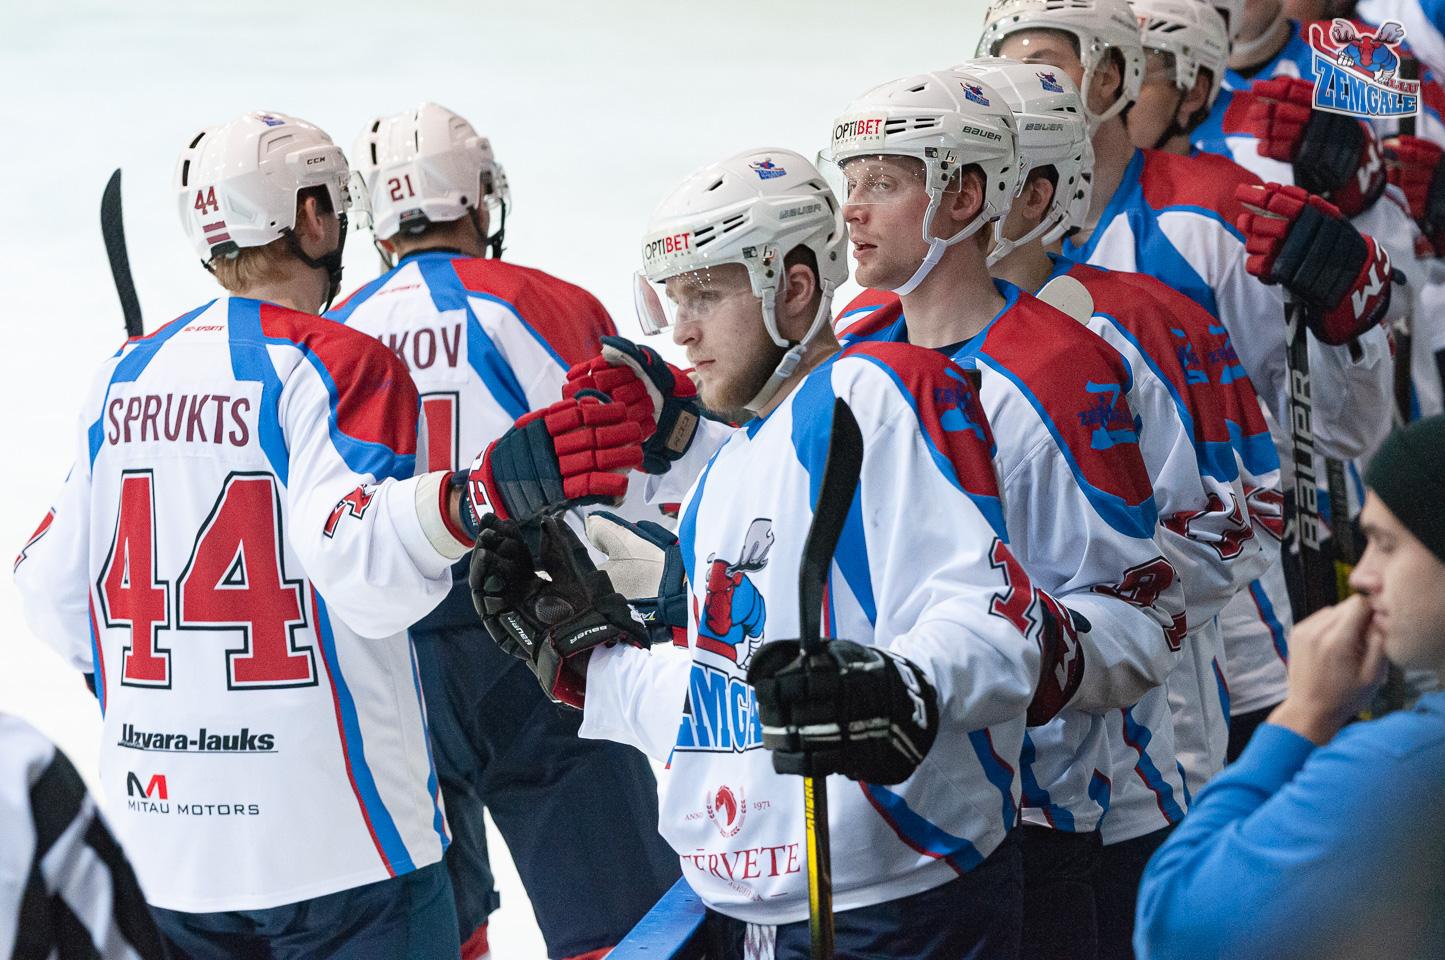 Hokejisti uz rezervistu soliņa sveic viens otru ar gūtiem vārtiem